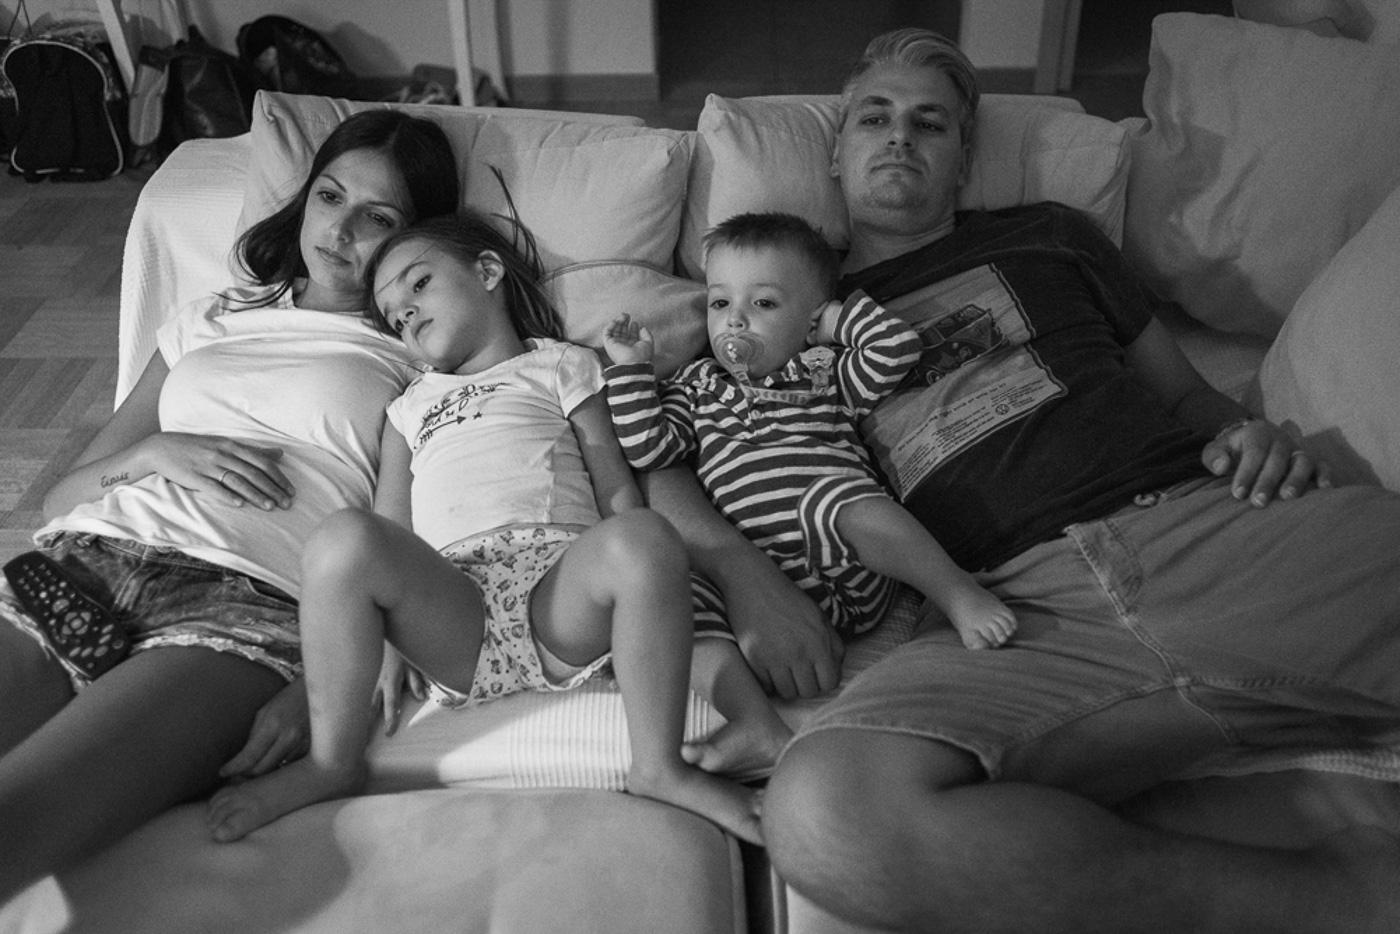 reportage-foto-famiglia-064.jpg